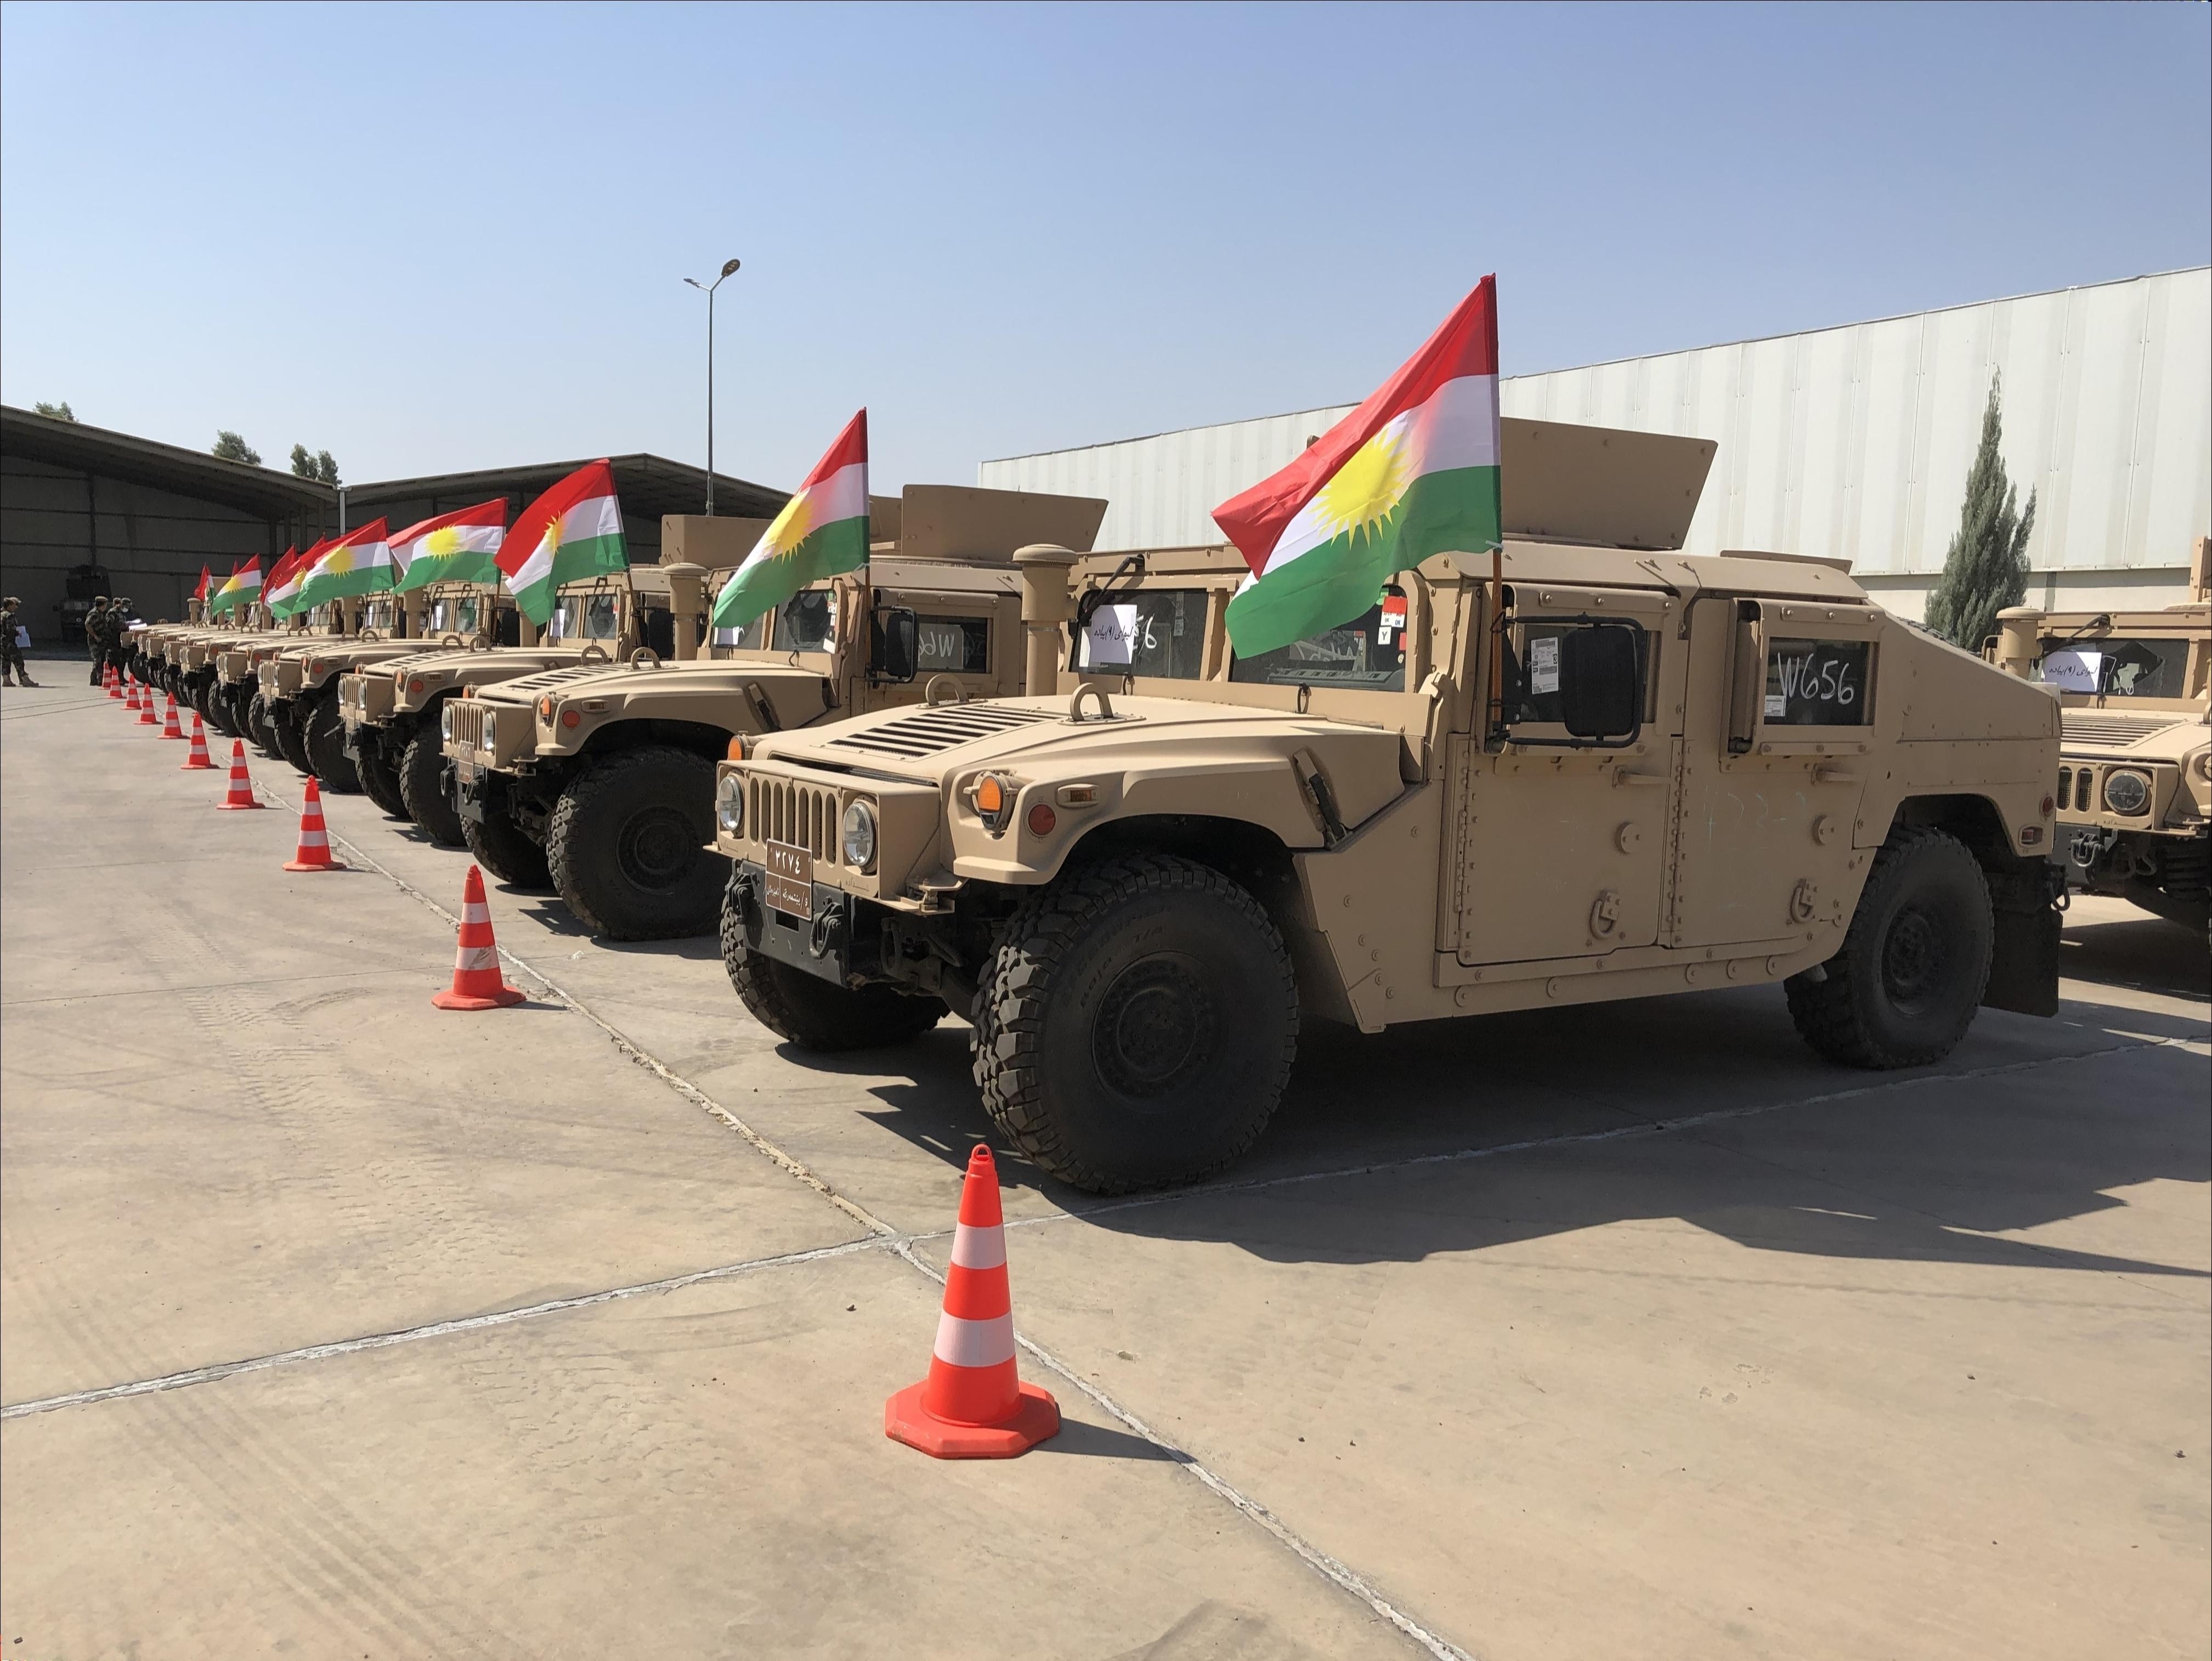 Koalisyon'dan Peşmerge Güçleri'ne askeri yardım: 150 askeri araç!